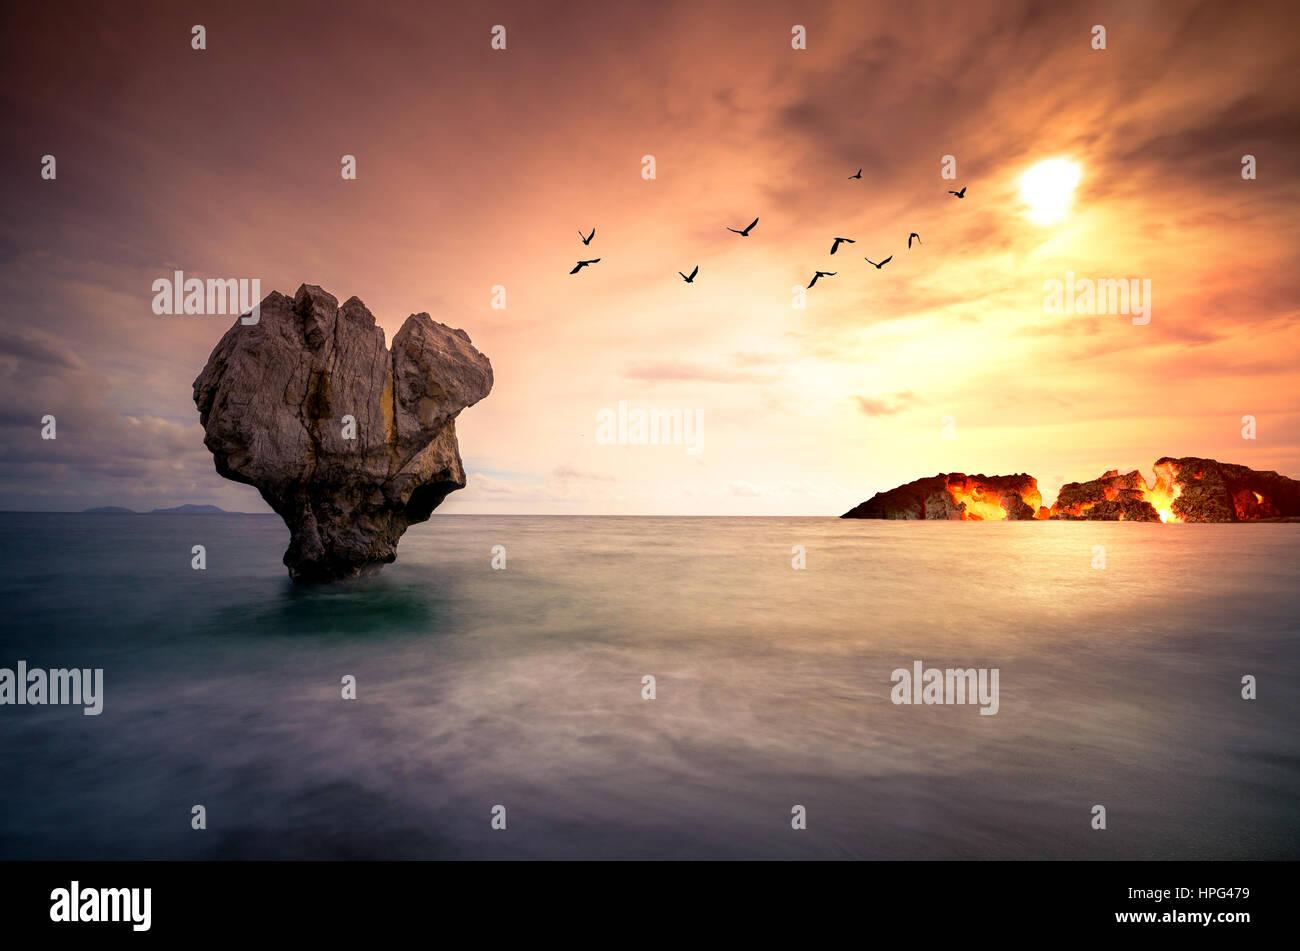 Bellas artes con lonely escultura de piedra en el mar con las siluetas de las aves voladoras y una isla bajo el Imagen De Stock